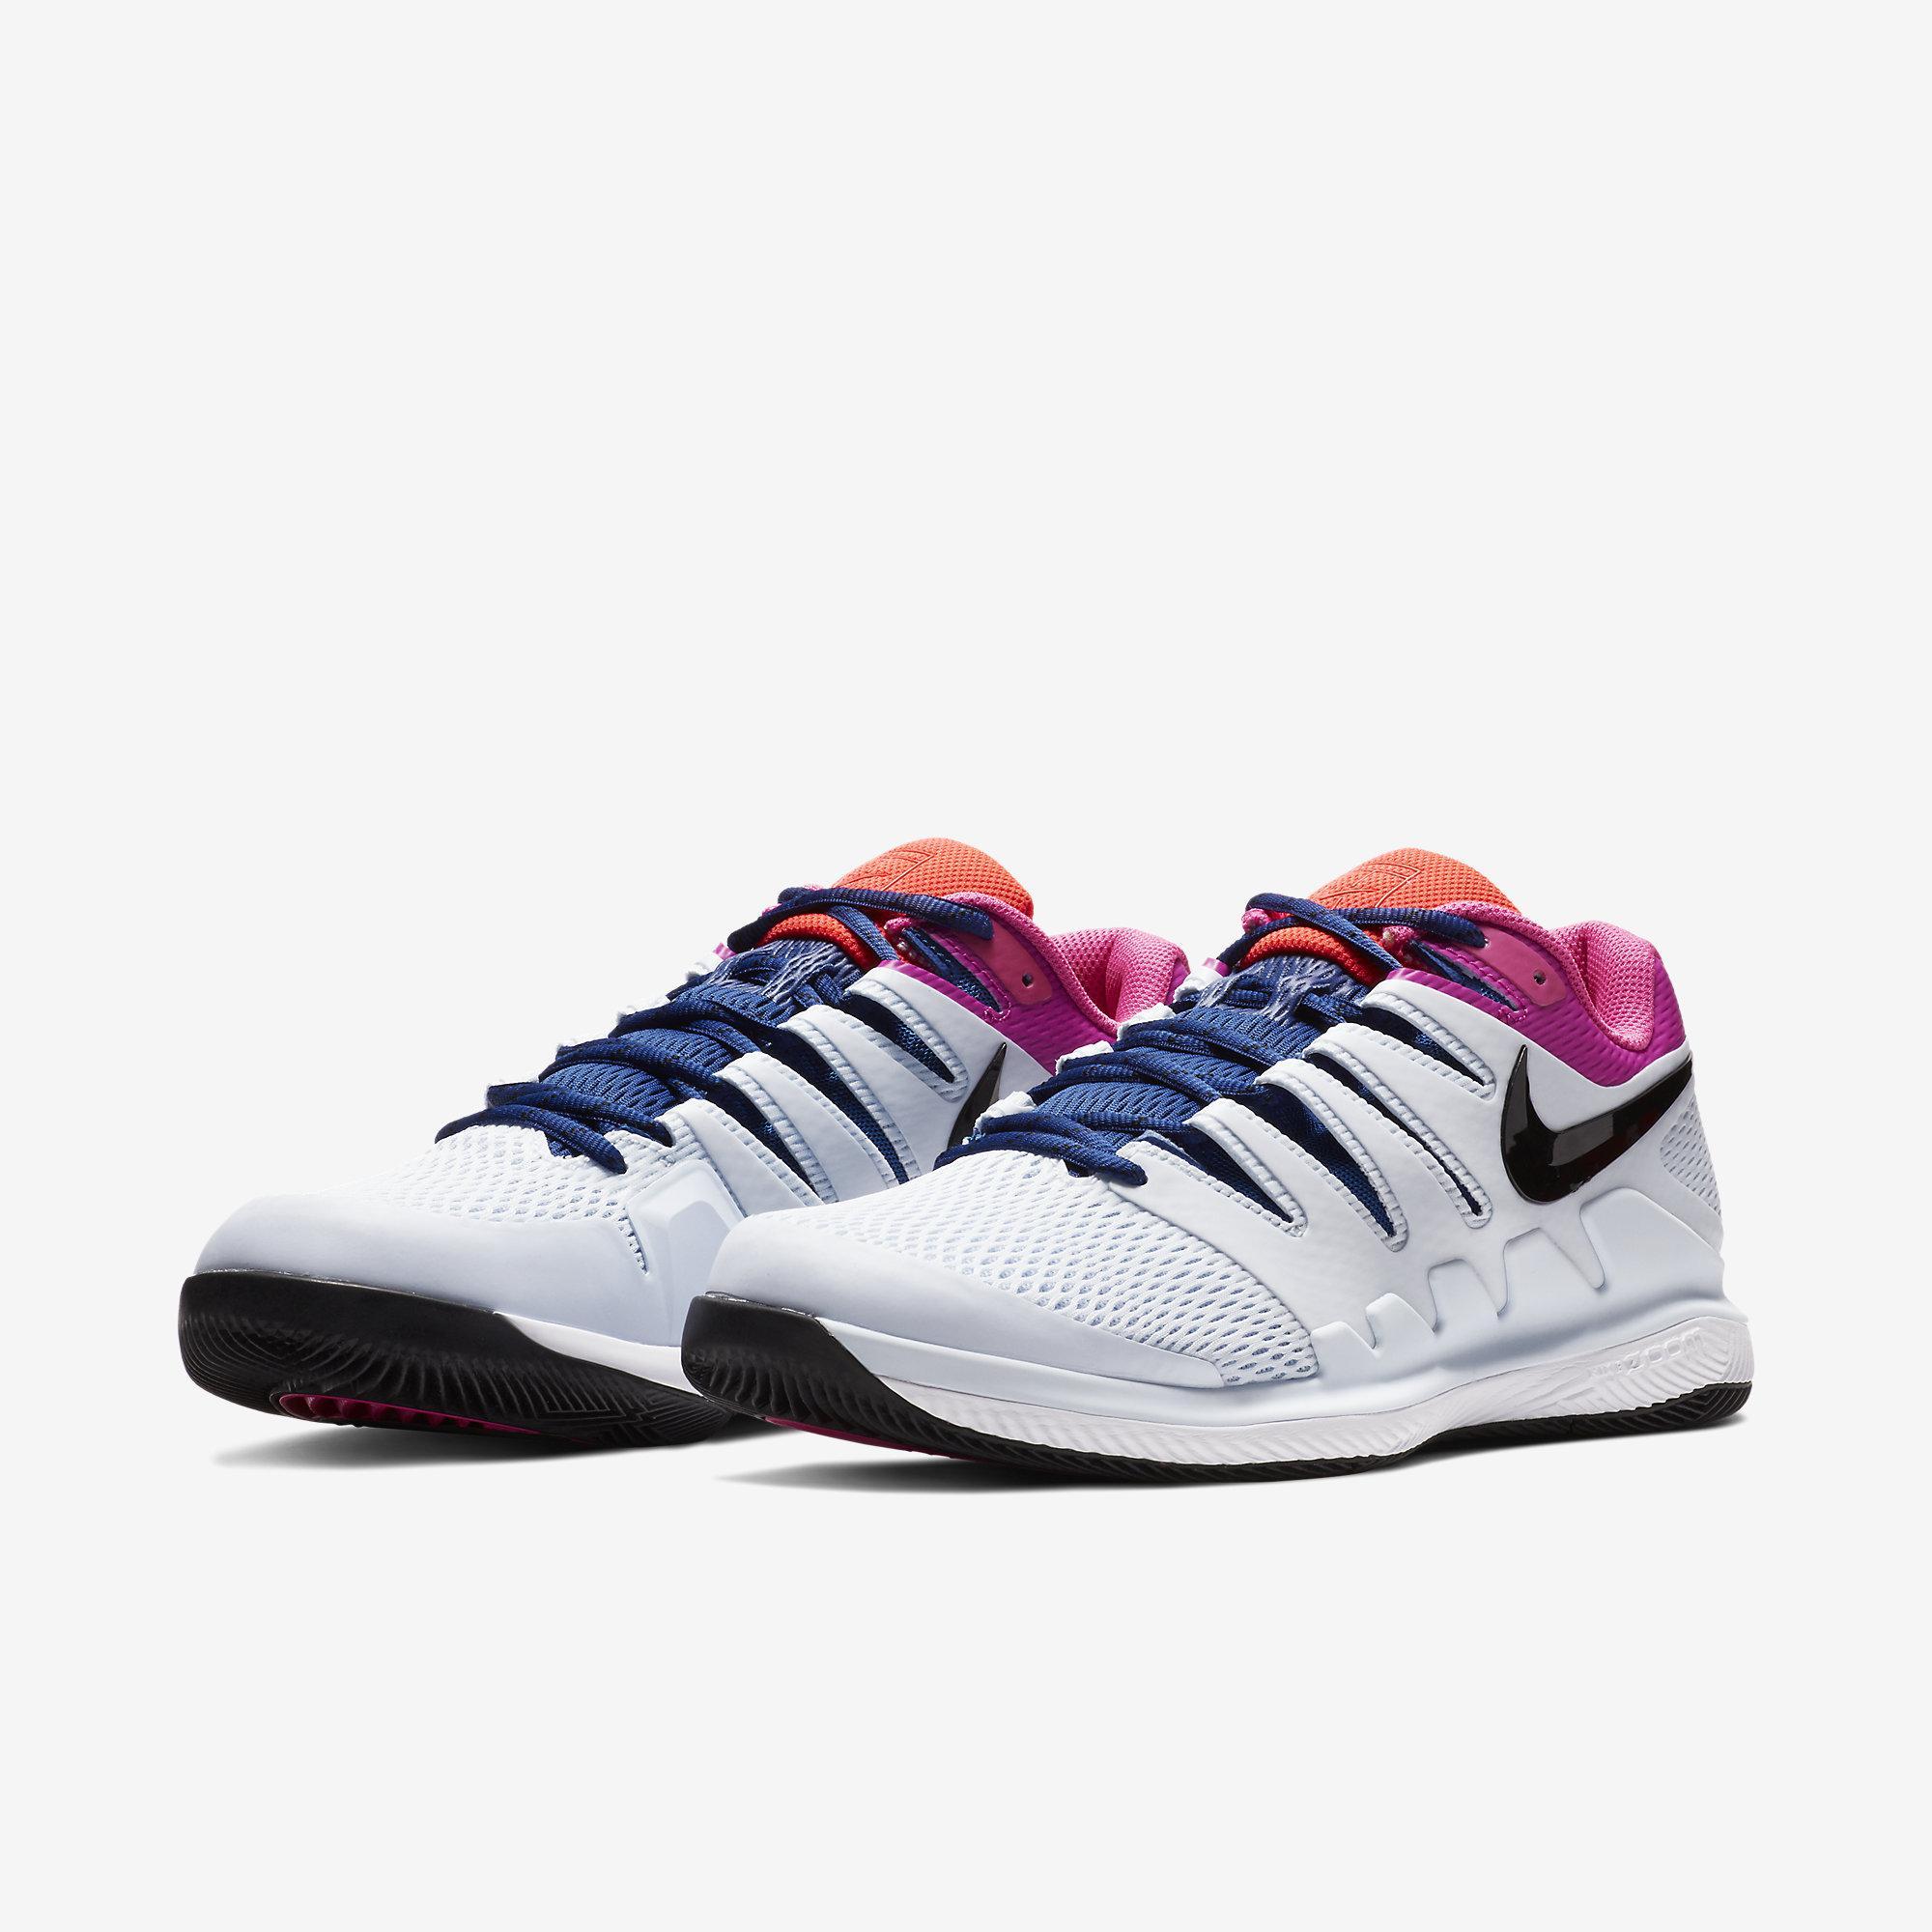 ae94faf74485 Nike Mens Air Zoom Vapor X Tennis Shoes - Half Blue Multi-Colour ...